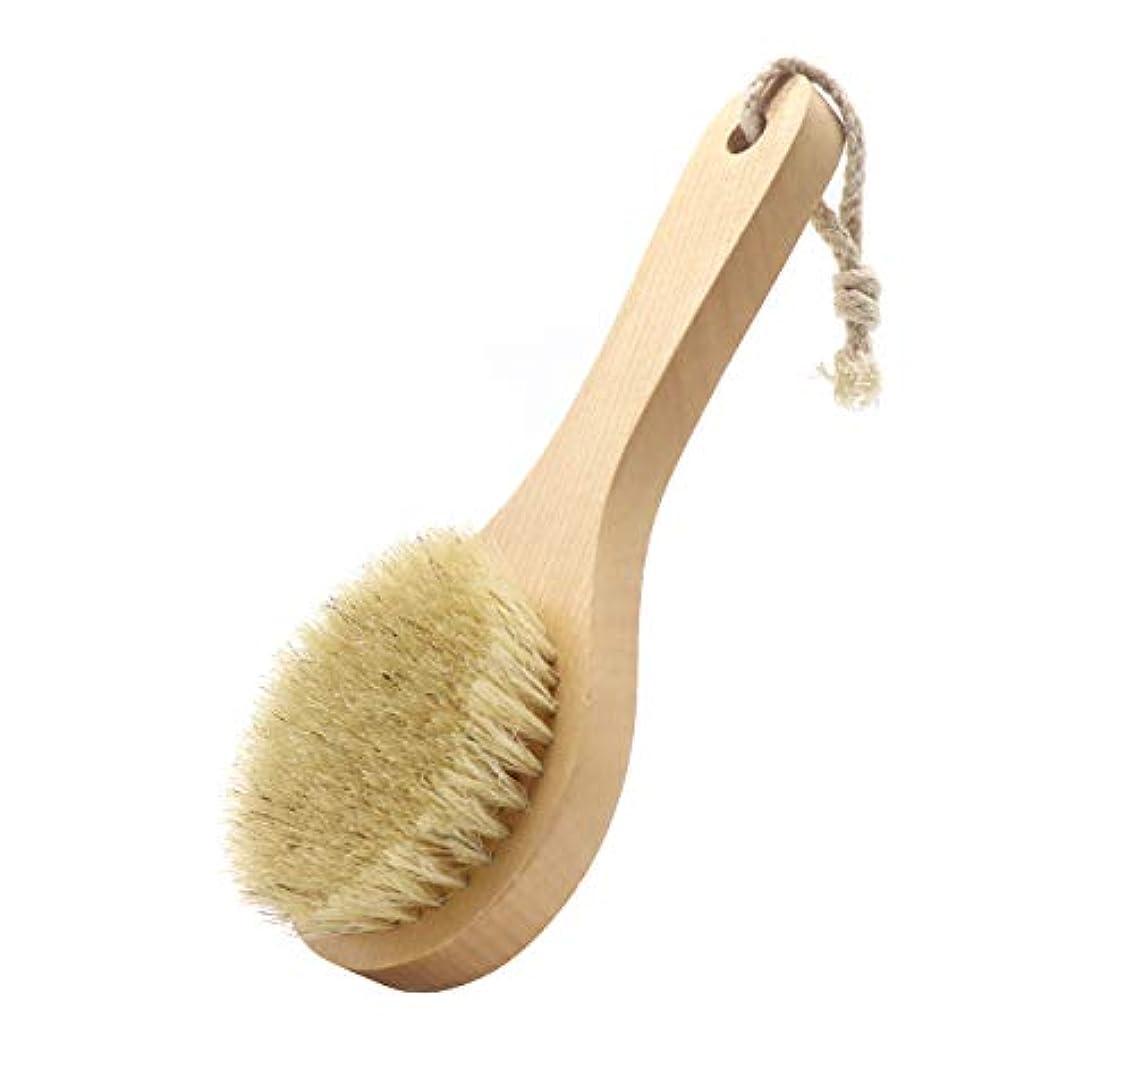 雑多なサラダ侵略Maltose ボディブラシ 豚毛100% 木製 天然素材 短柄 硬め 足を洗う 体洗いブラシ 角質除去 美肌 お風呂グッズ (B:20 * 8CM)